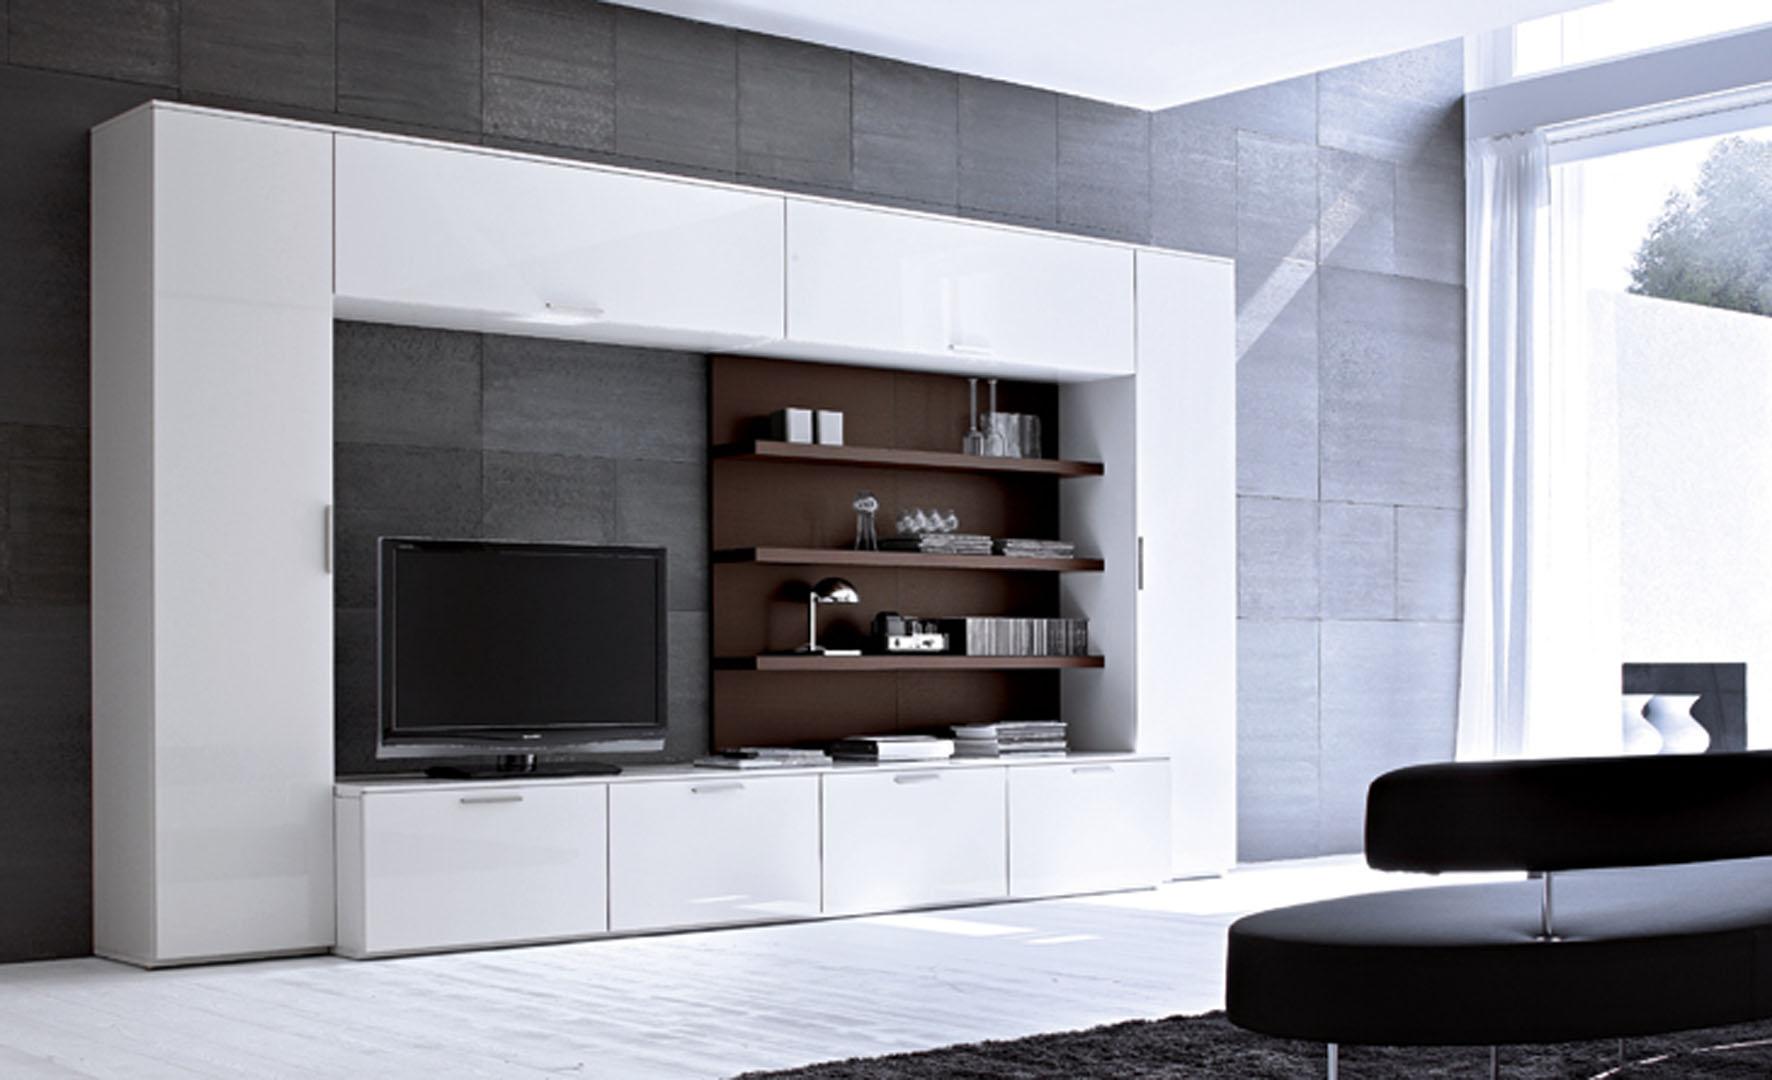 Soggiorni moderni sirigu mobili for Immagini mobili soggiorno moderni